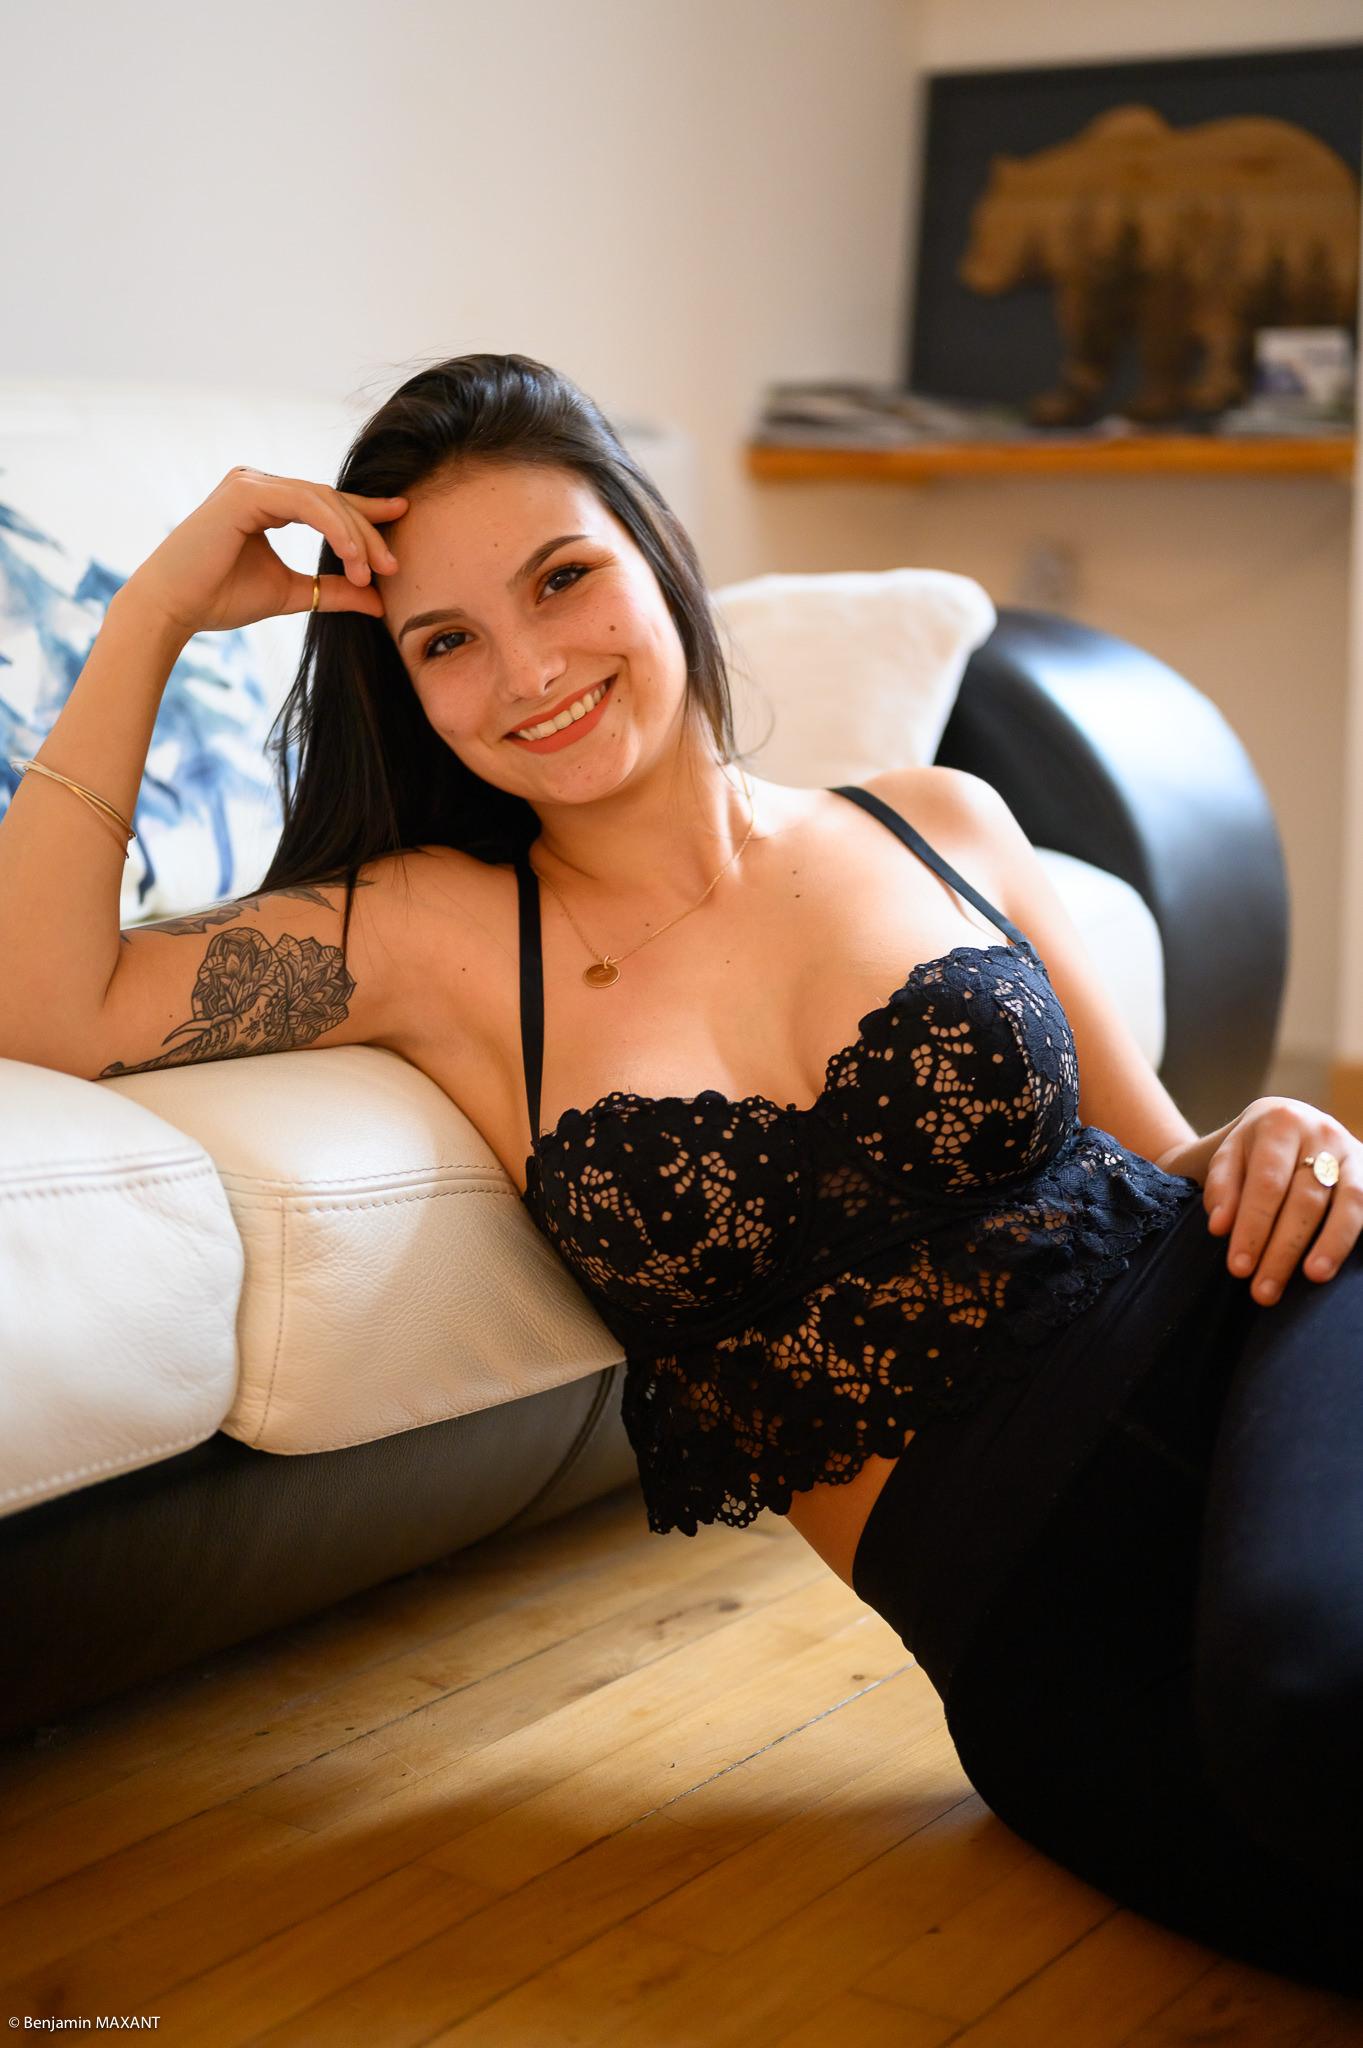 Séance photo boudoir au lingerie noire alongée sur le parquet